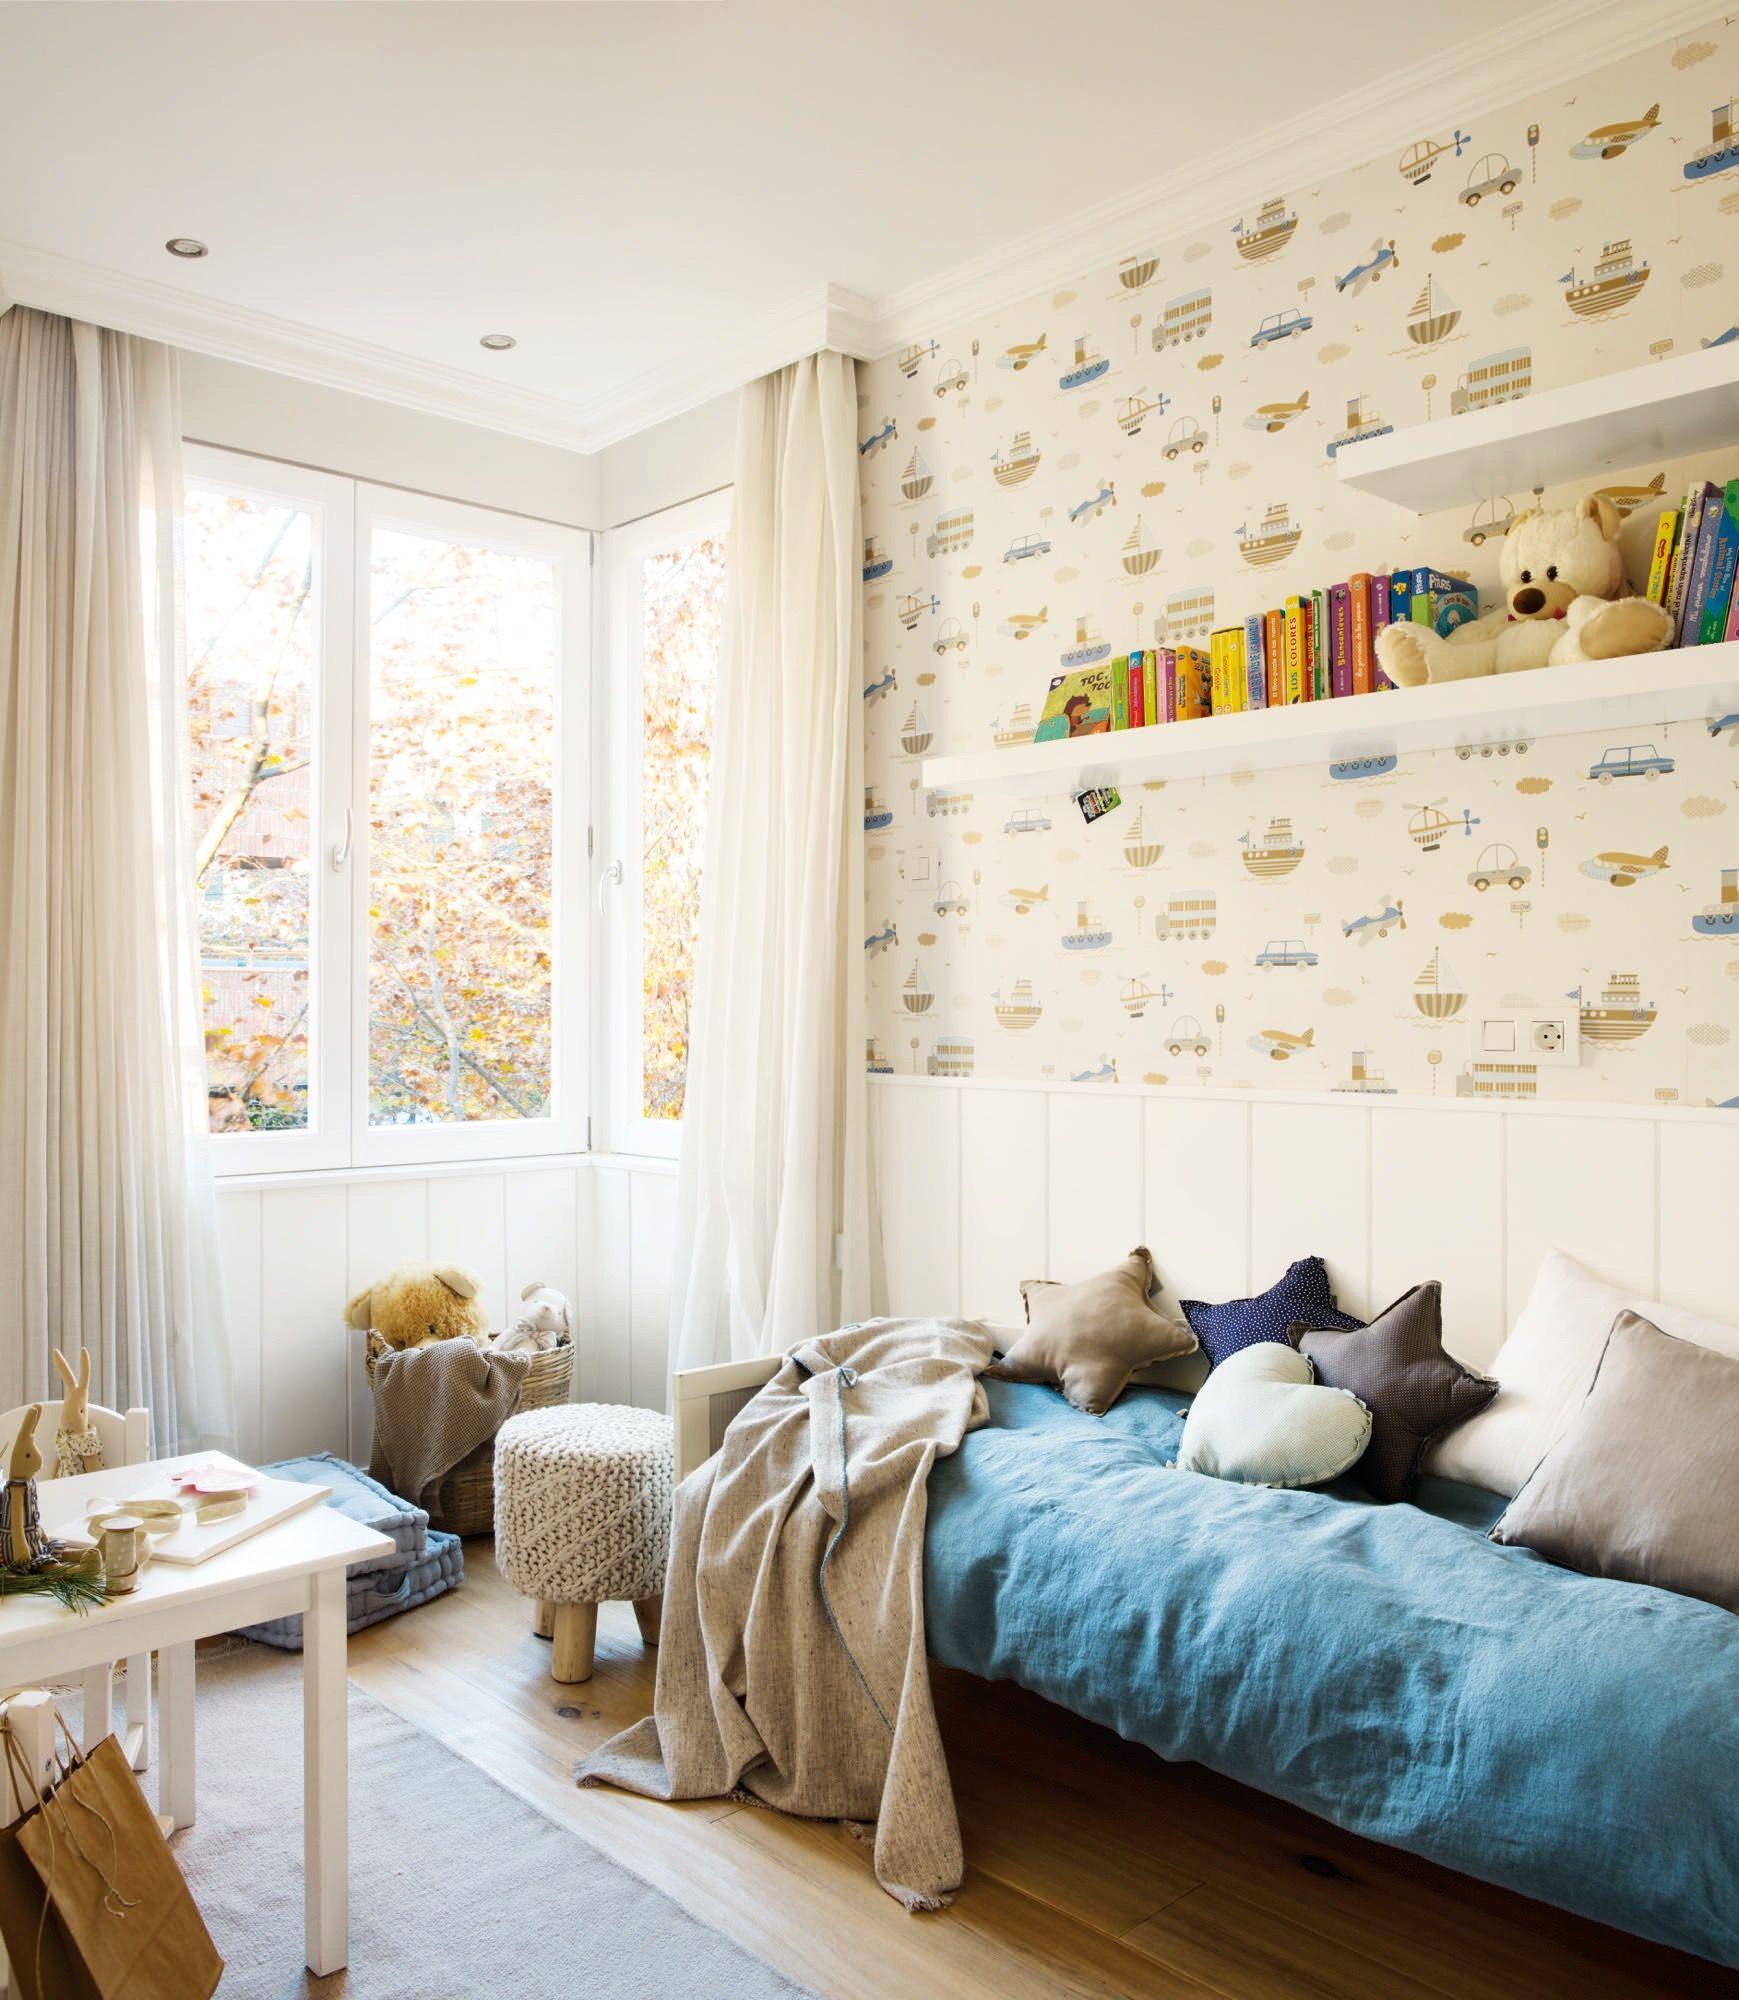 Pano625 626 Dormitorio Infantil Con Arrimadero Papel Pintado Y  ~ Decorar Muebles Con Papel Pintado